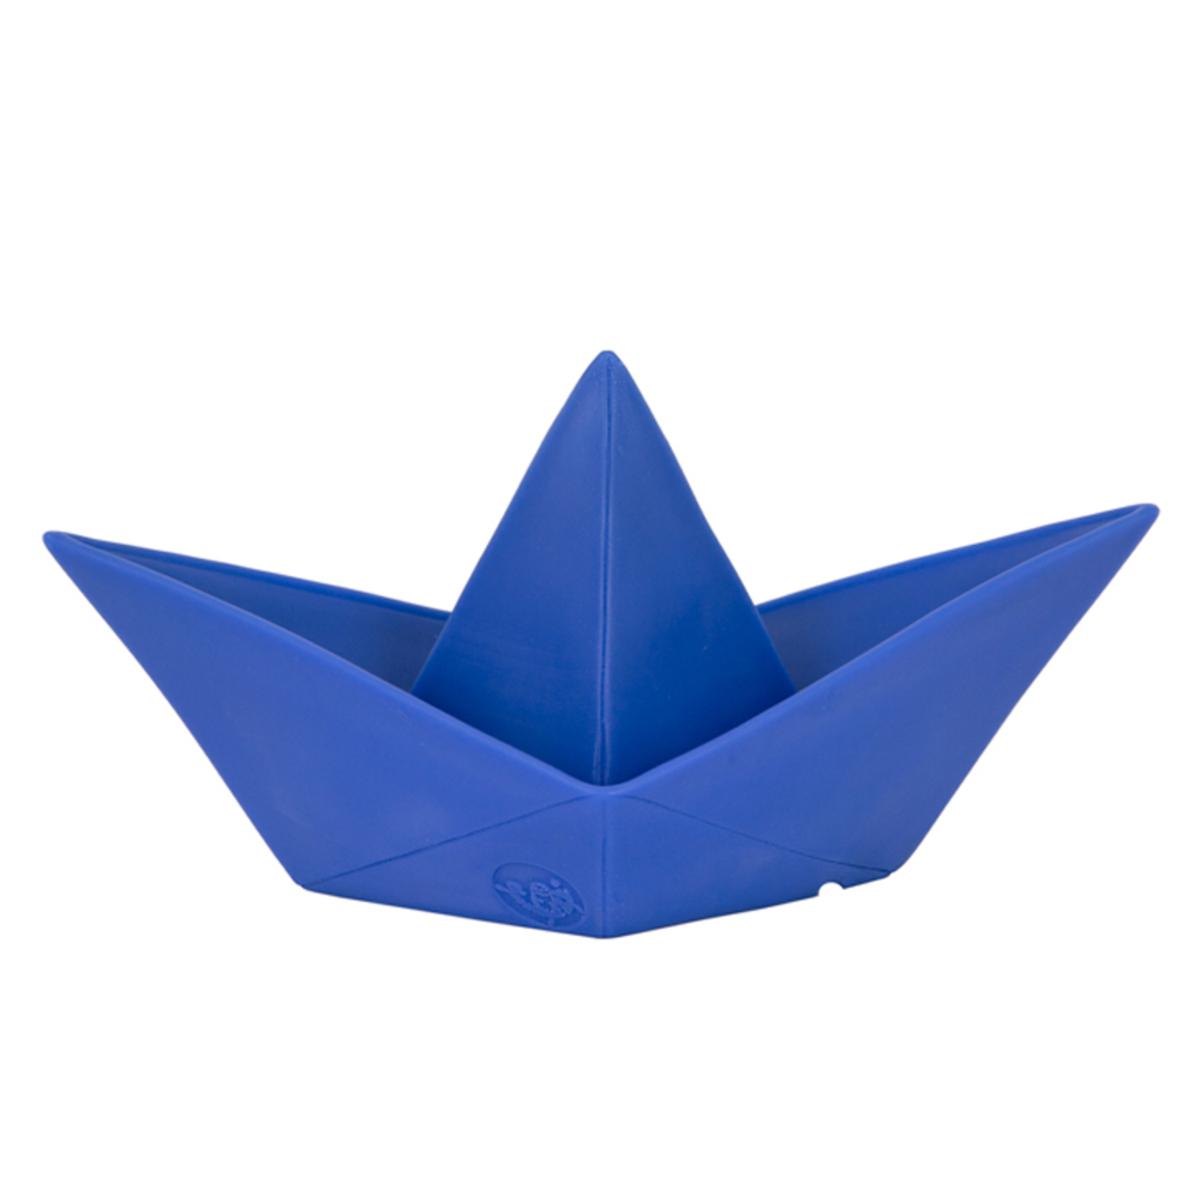 Lampe à poser Lampe Origami Boat - Bleu Marine Lampe Origami Boat - Bleu Marine